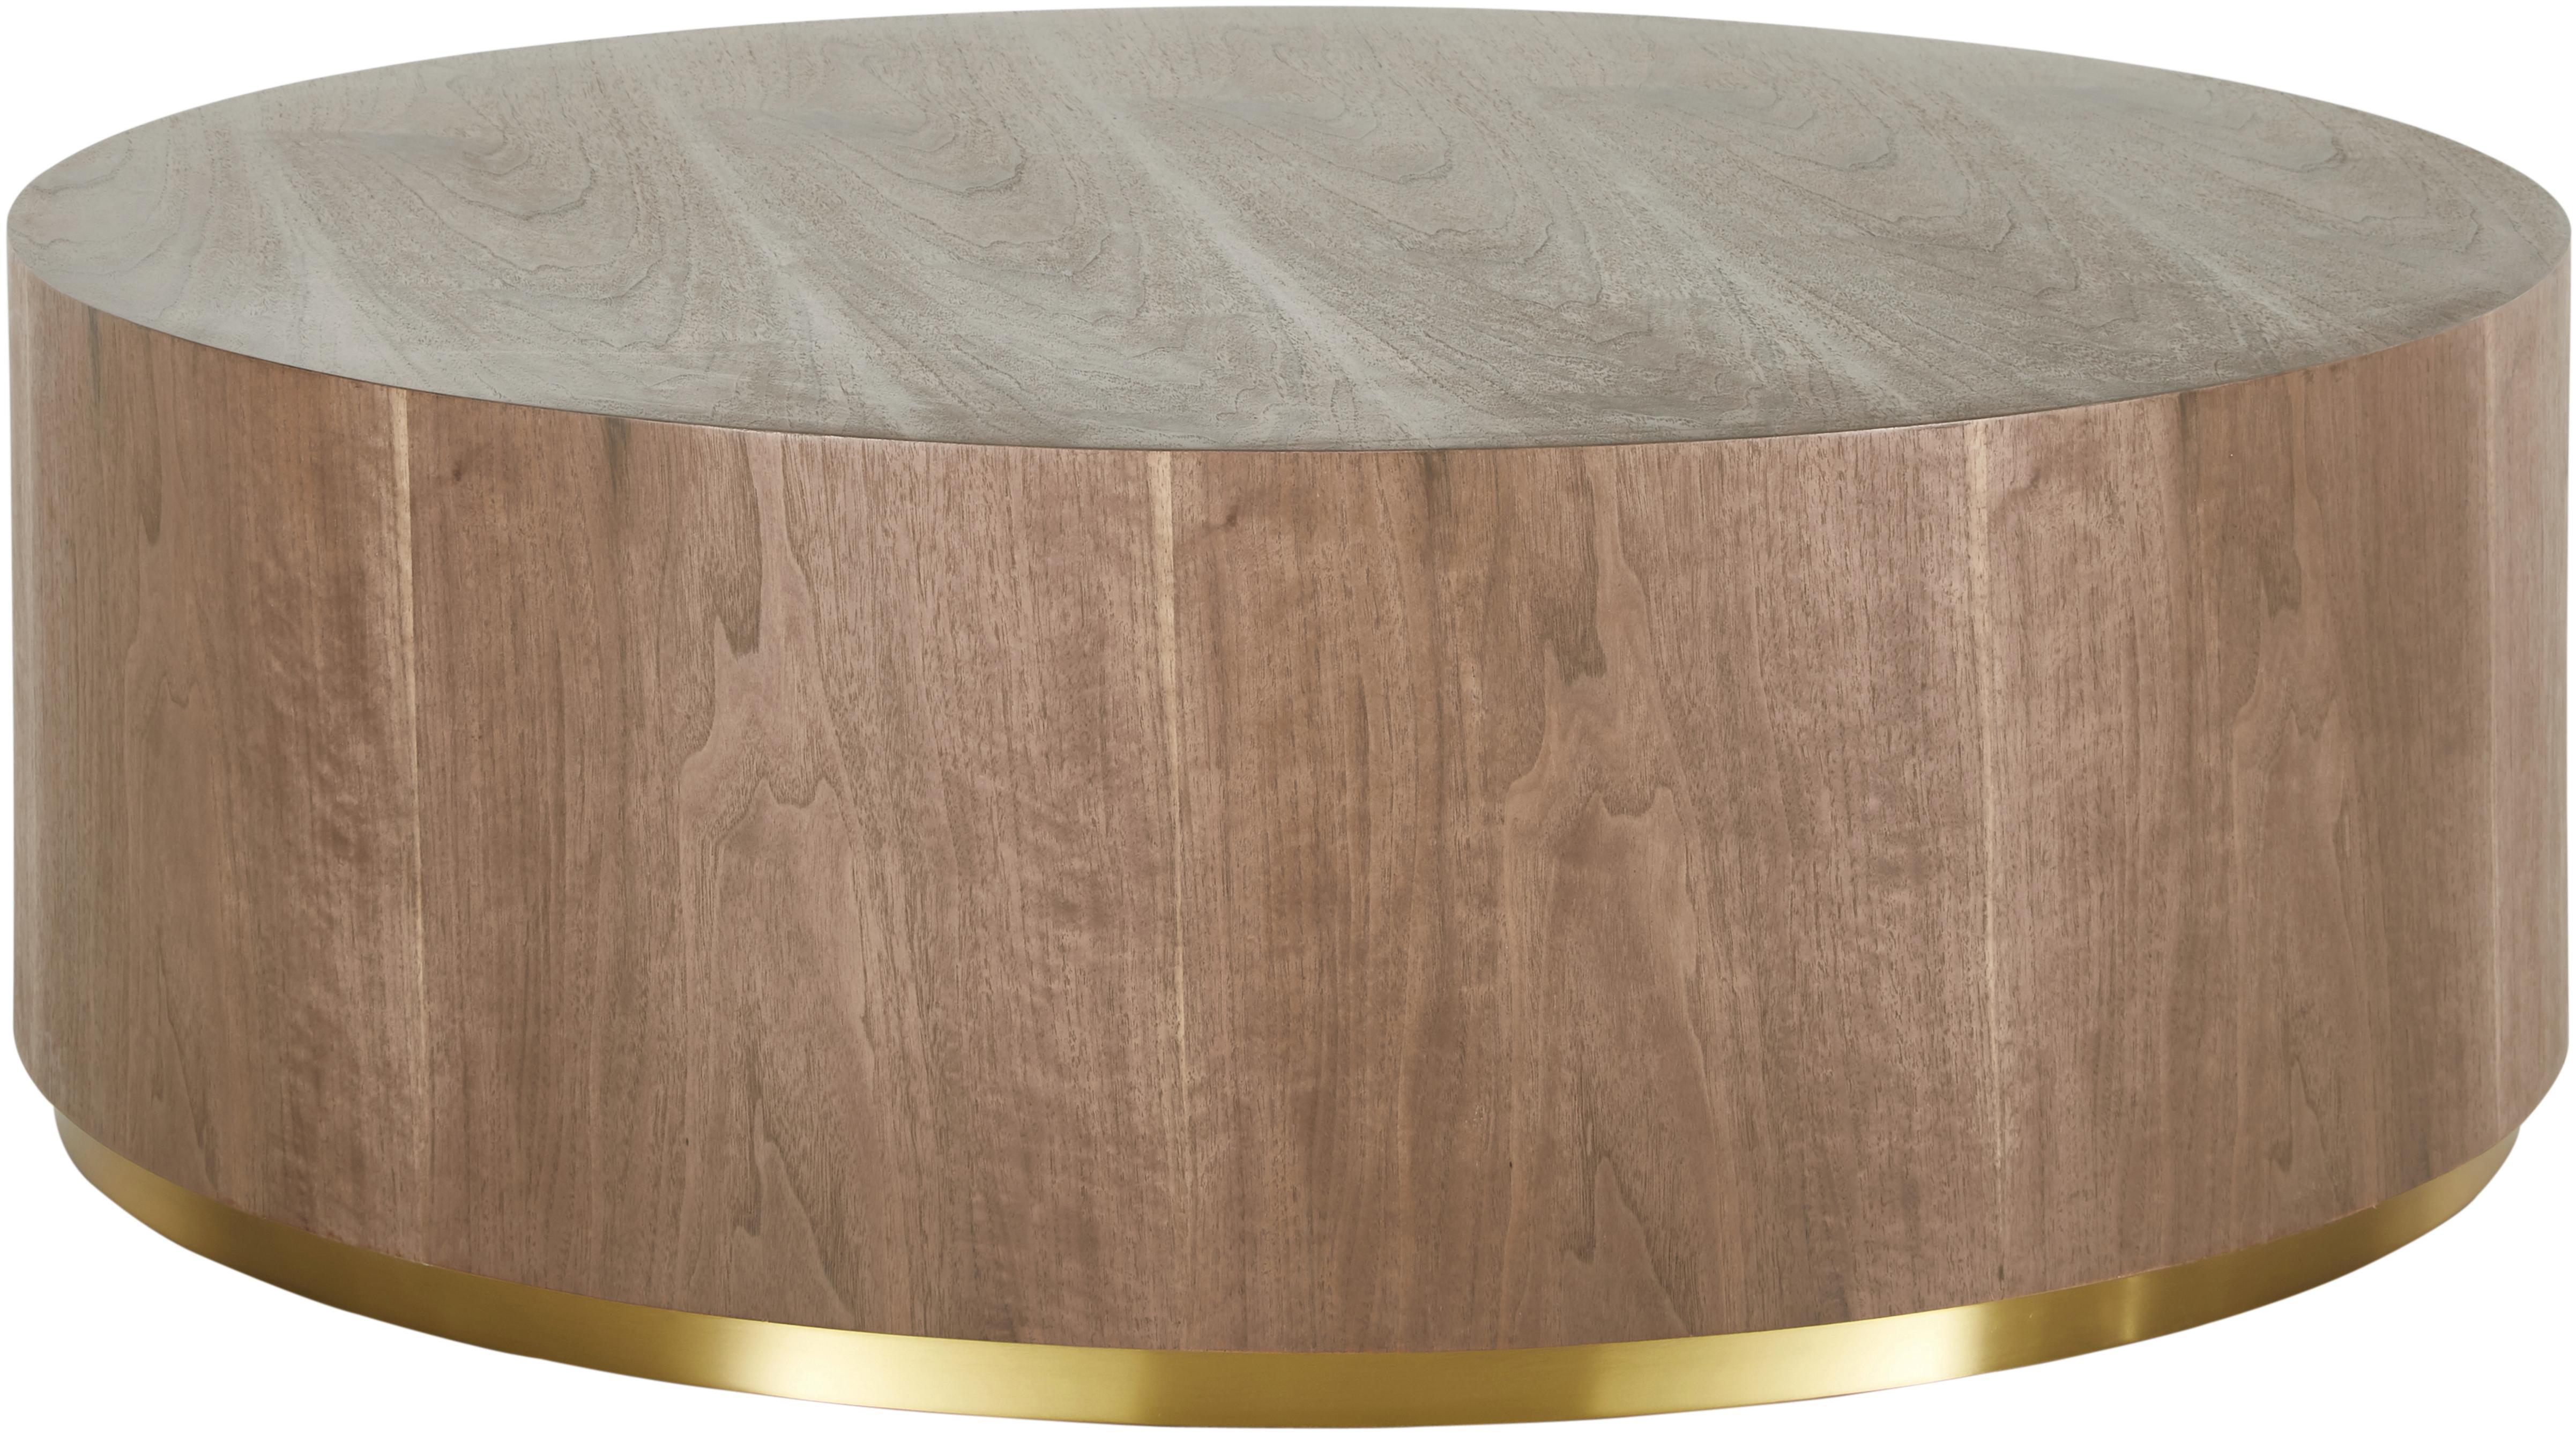 Grosser Couchtisch Clarice in Walnussfarben, Korpus: Mitteldichte Holzfaserpla, Korpus: Walnussholzfurnier Fuss: Goldfarben, glänzend gebürstet, Ø 90 x H 35 cm